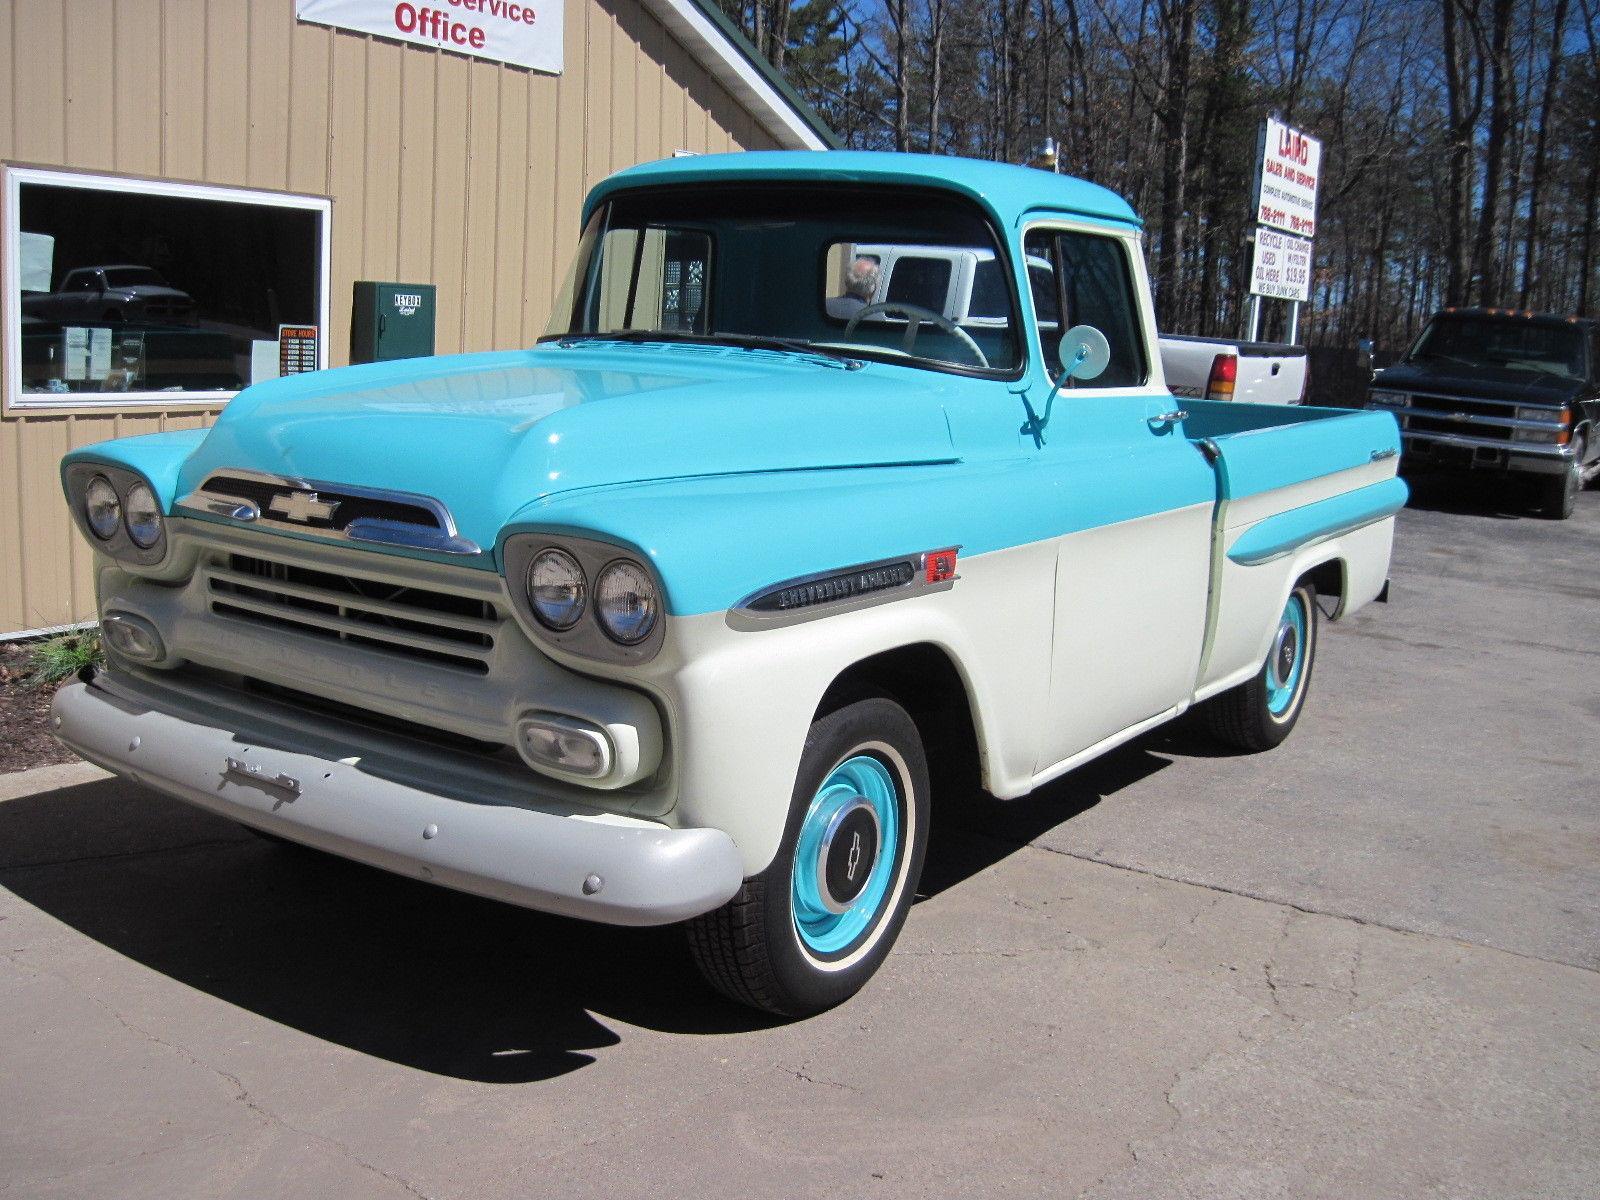 camper hauler 1959 chevrolet pickup apache vintage truck for sale. Black Bedroom Furniture Sets. Home Design Ideas